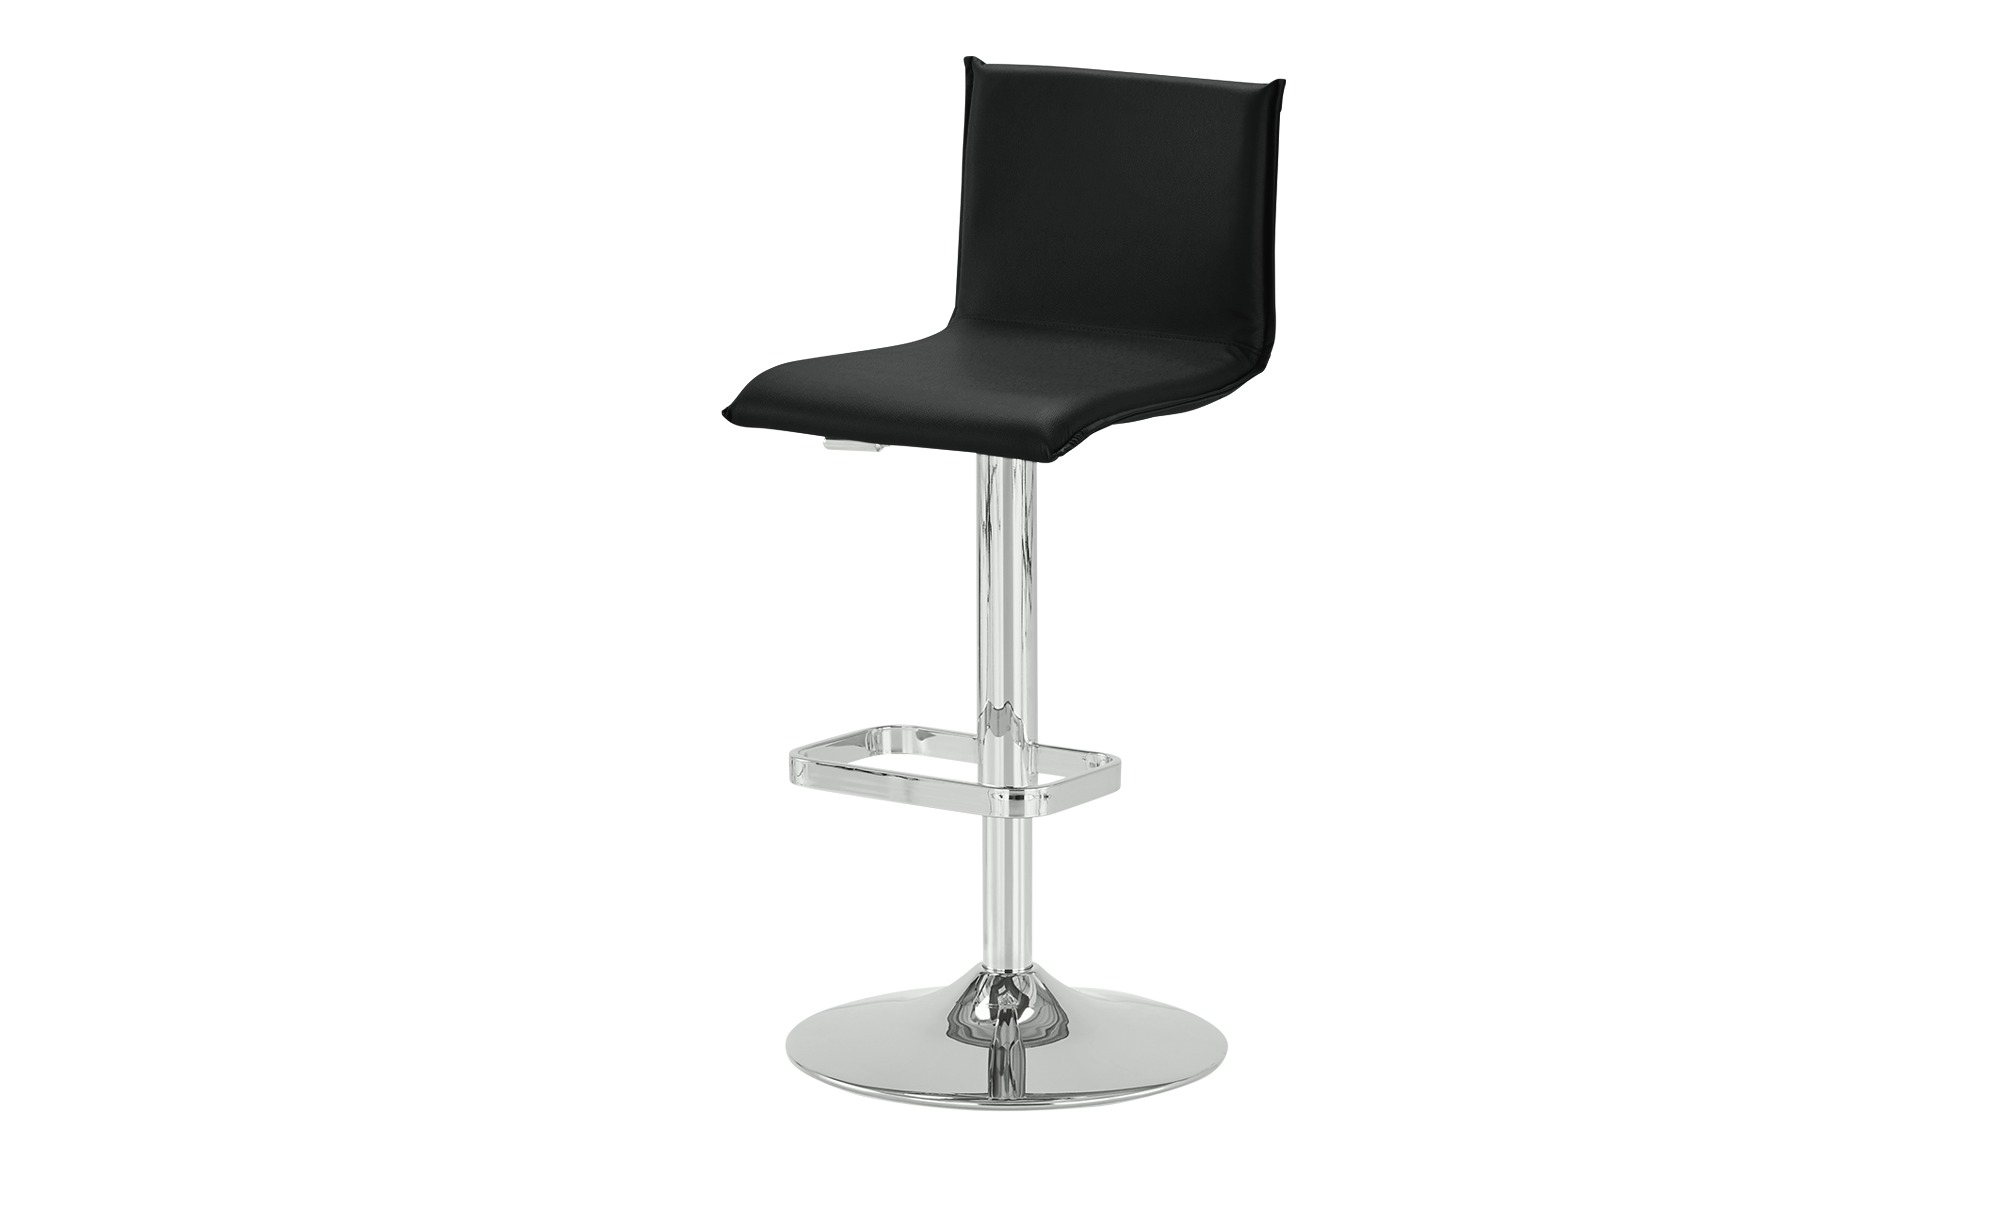 Kunstleder-Barhocker - schwarz - 44 cm - 37 cm - Stühle > Barhocker - Möbel günstig online kaufen